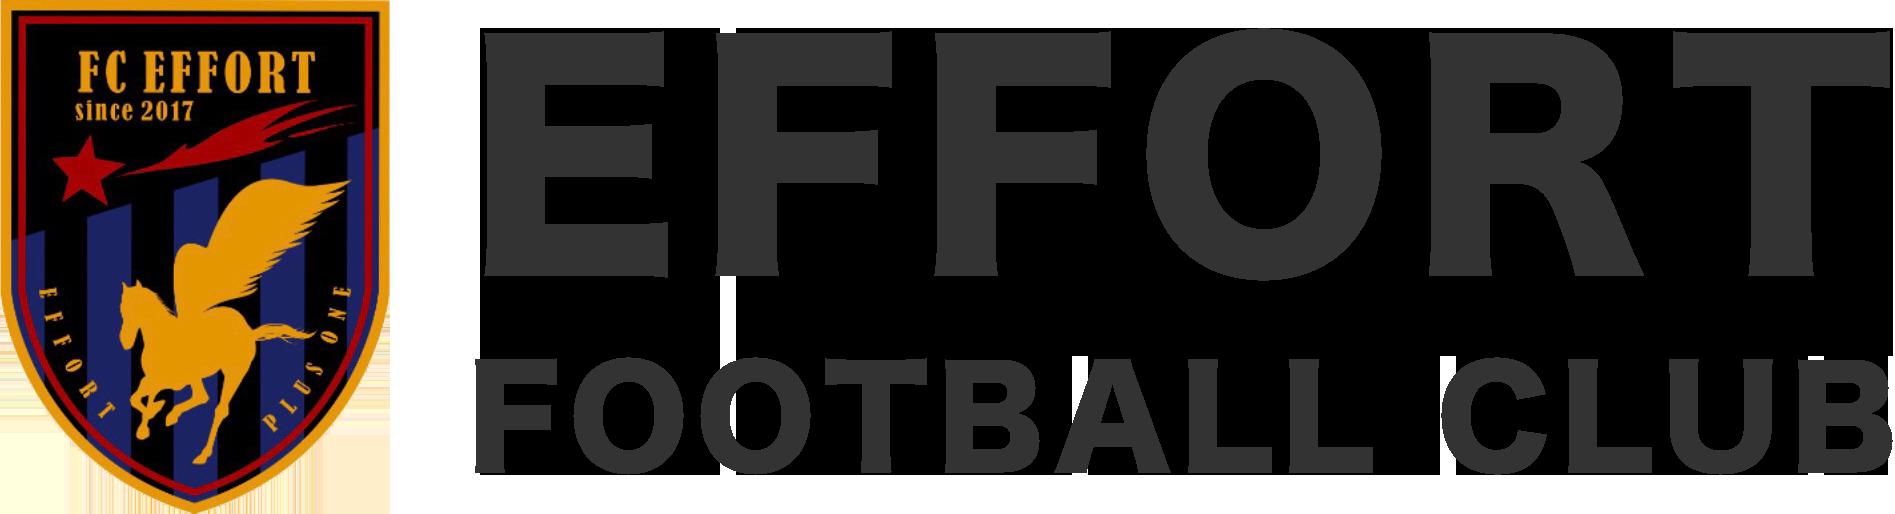 エフォートフットボールクラブ|滋賀県大津市のサッカーチーム